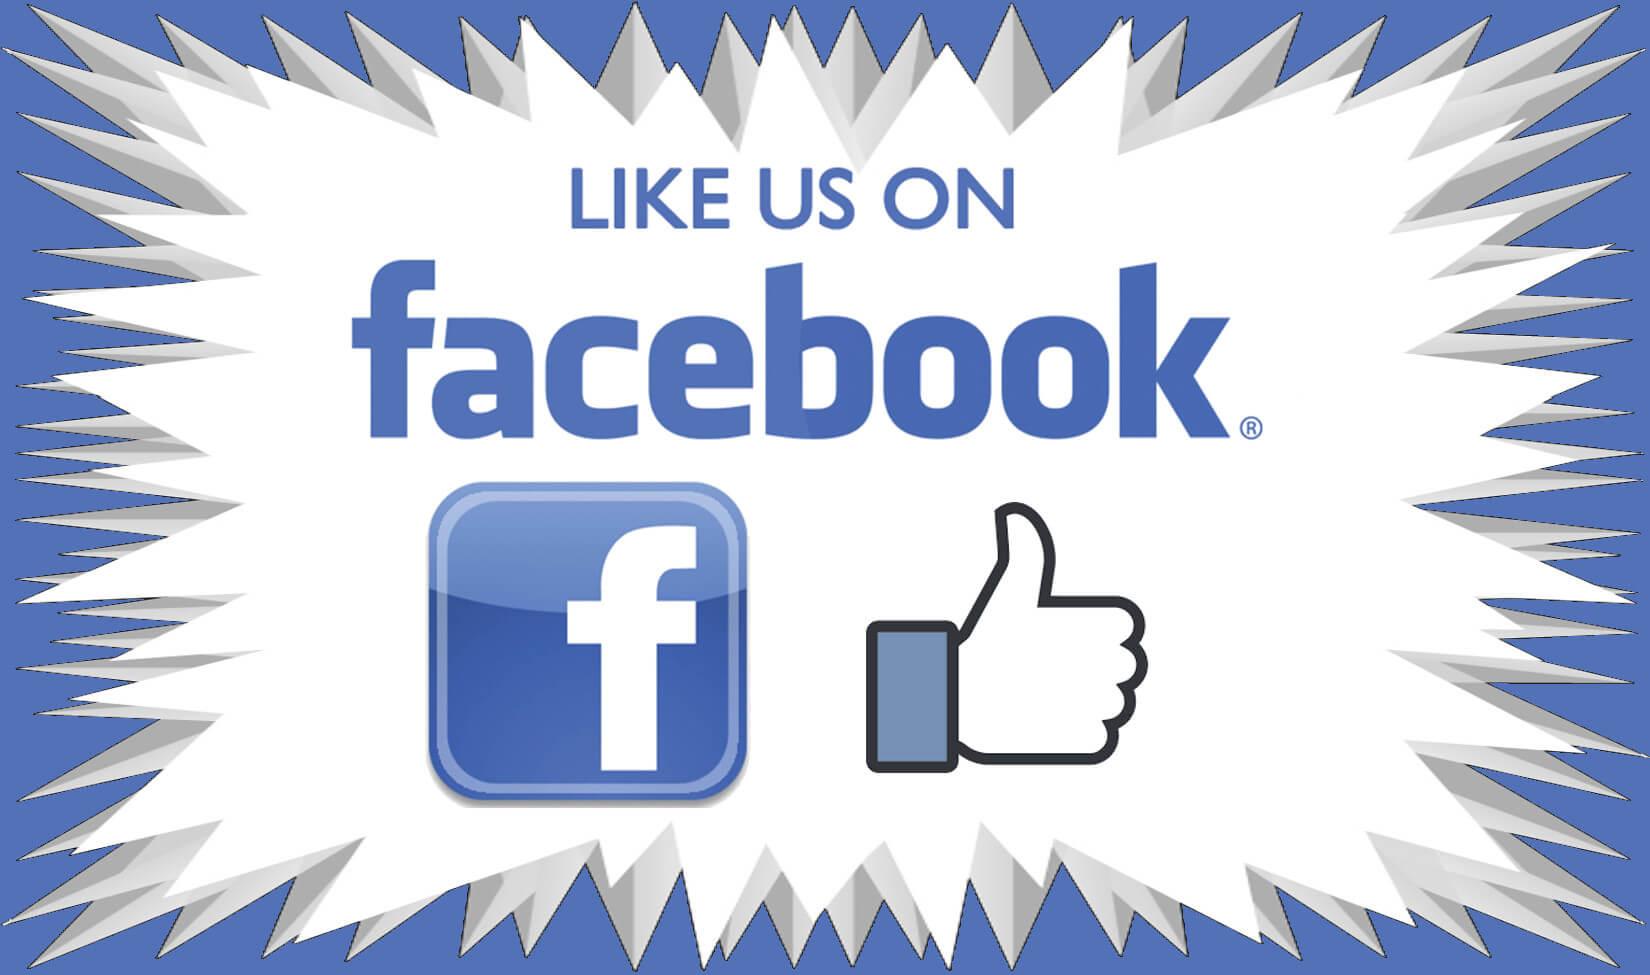 Like us on Facebook badge